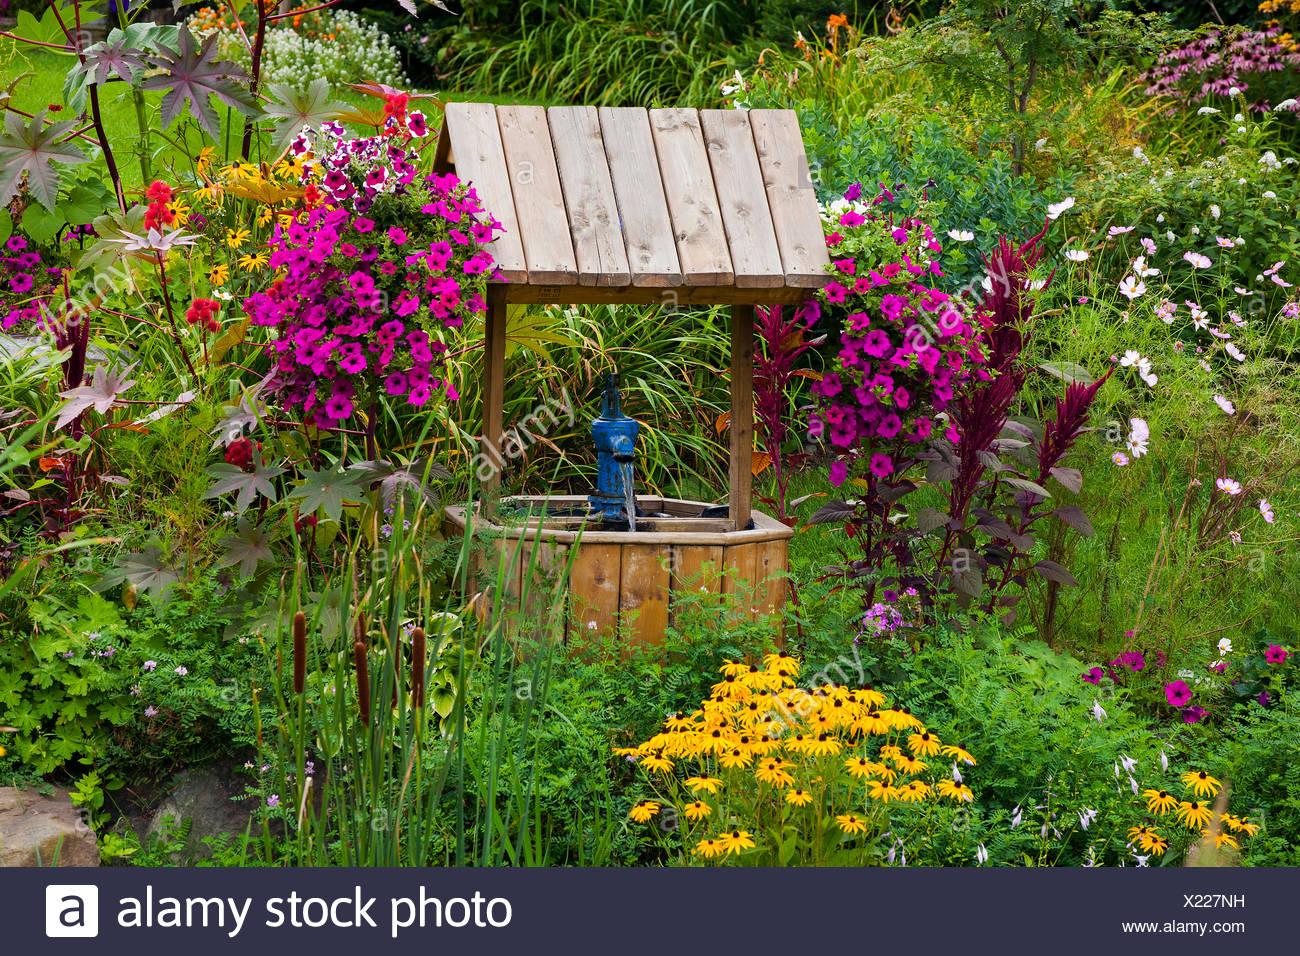 Verwilderten Garten Mit Blumen Und Wollen Nun Eastern Townships Granby Quebec Kanada Stockfotografie Alamy